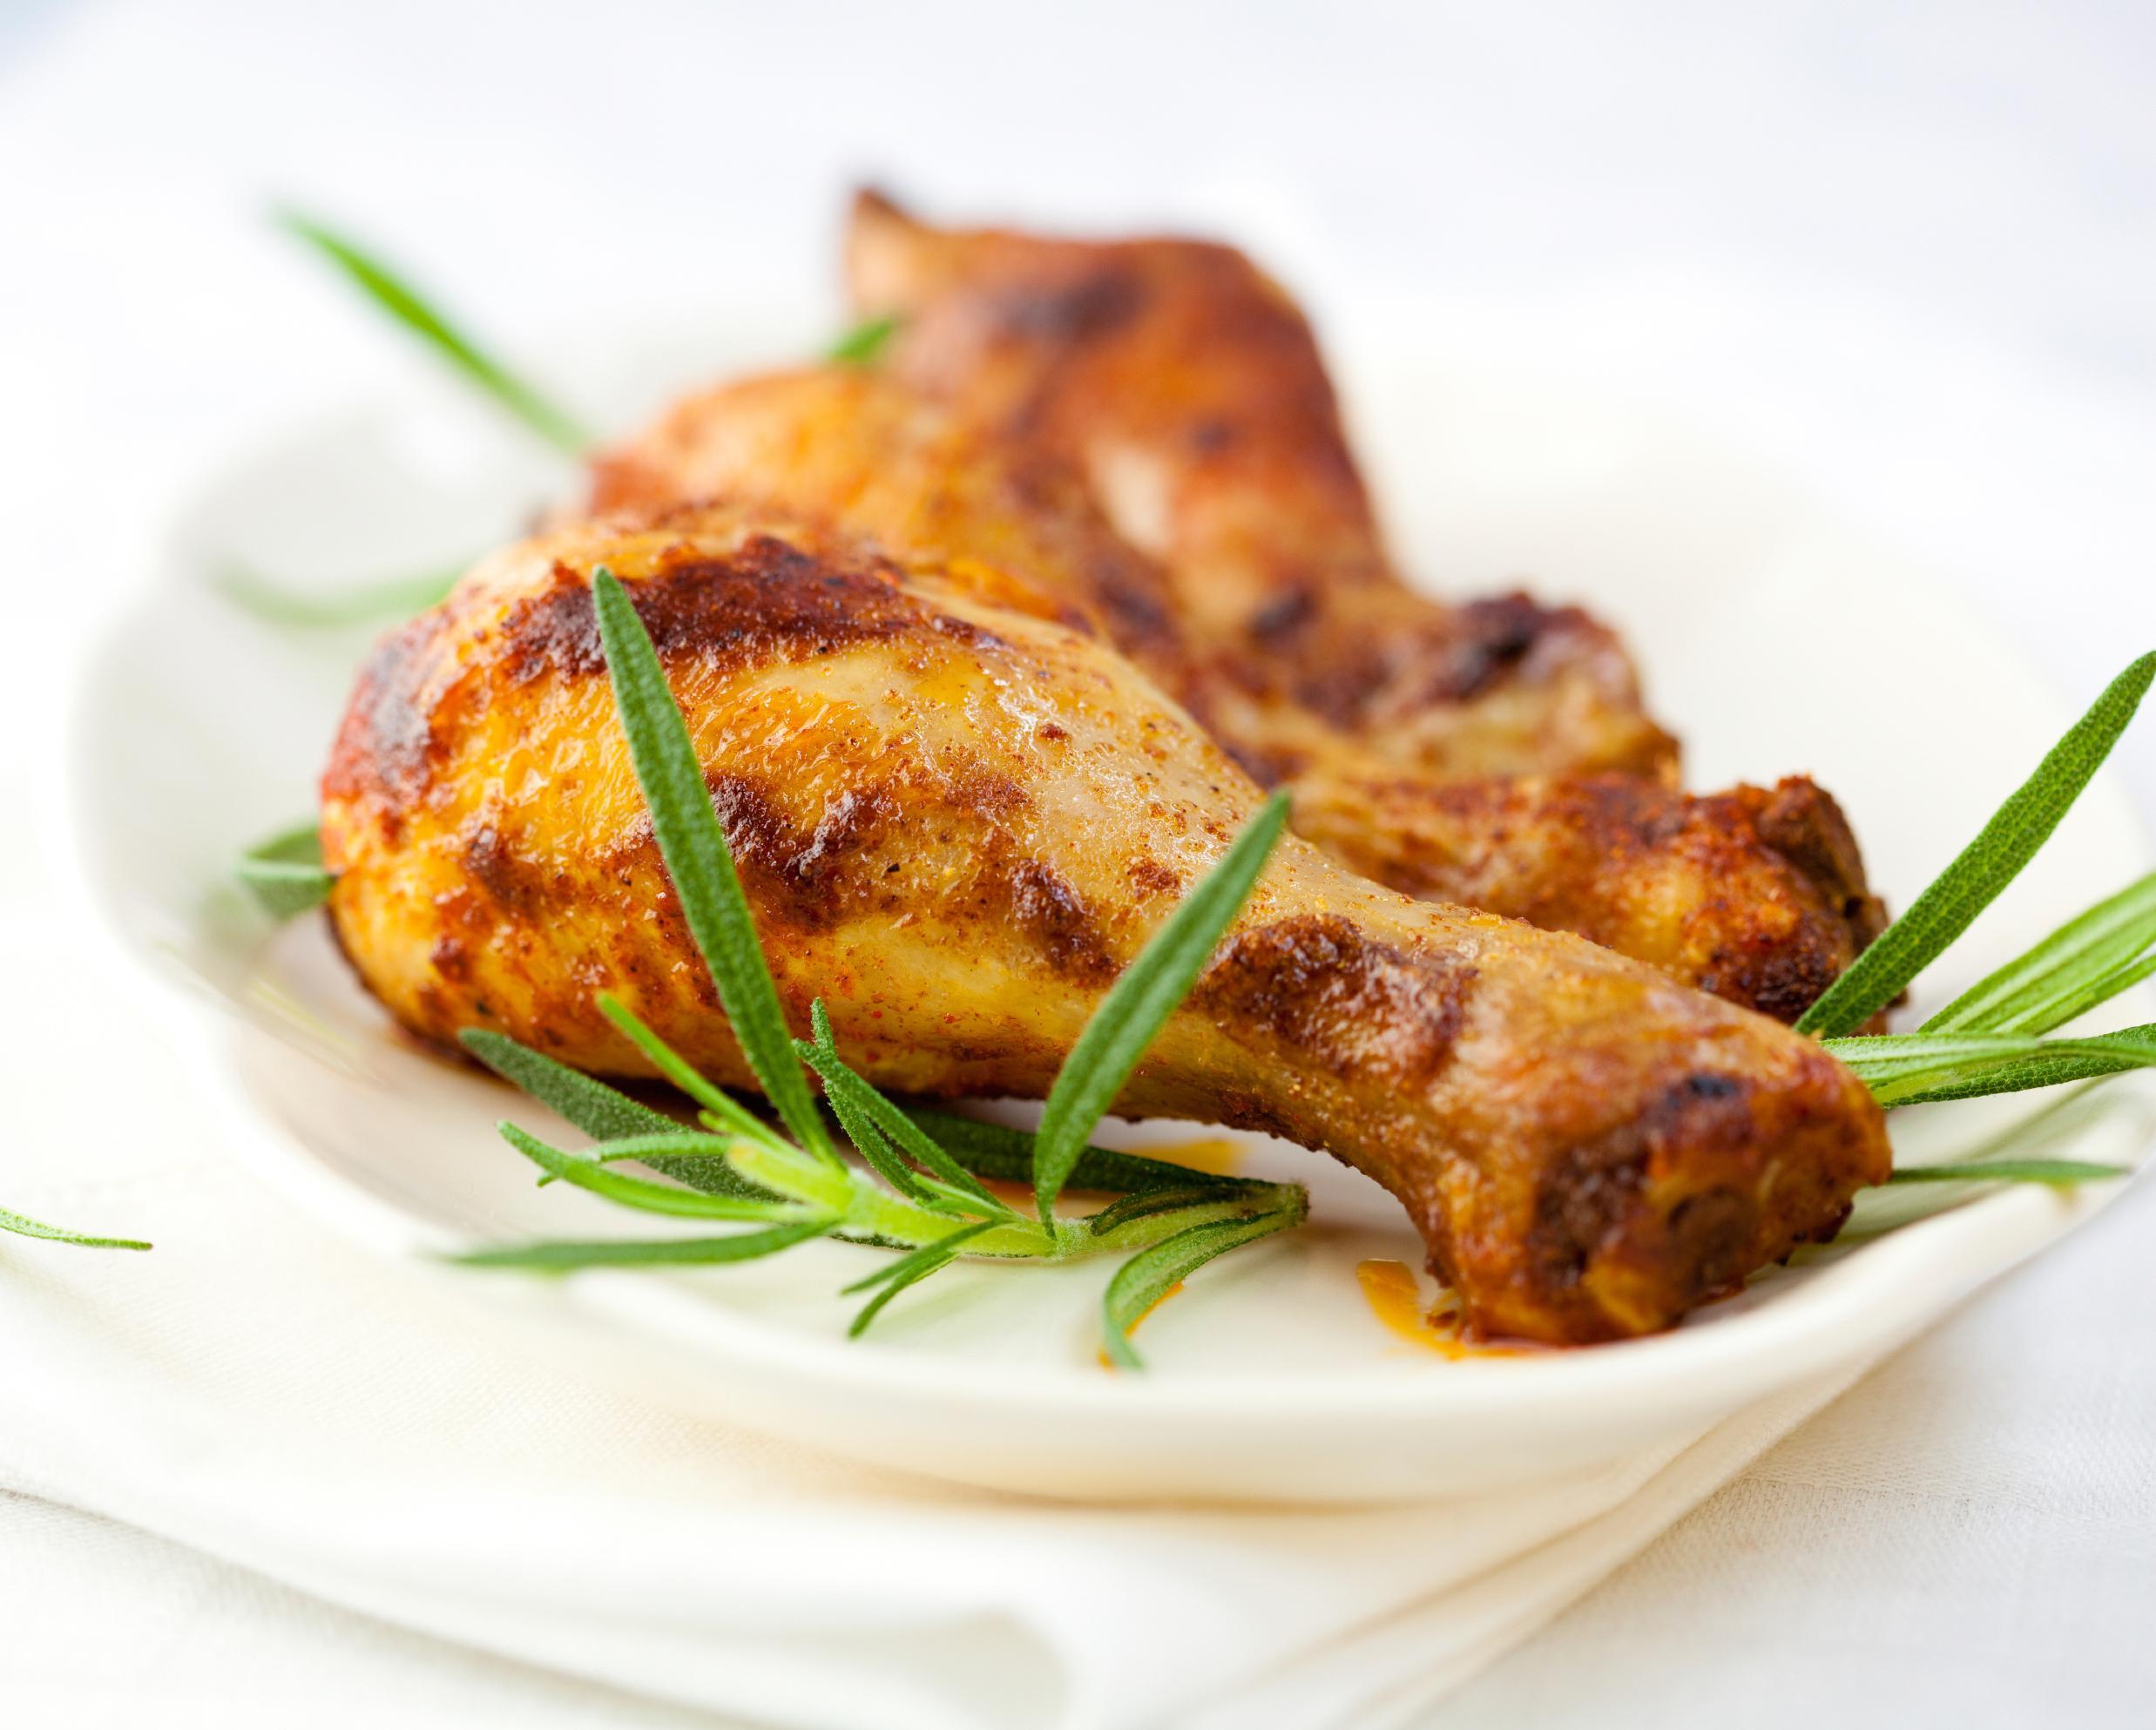 Pechuga de pollo cruda valor nutricional